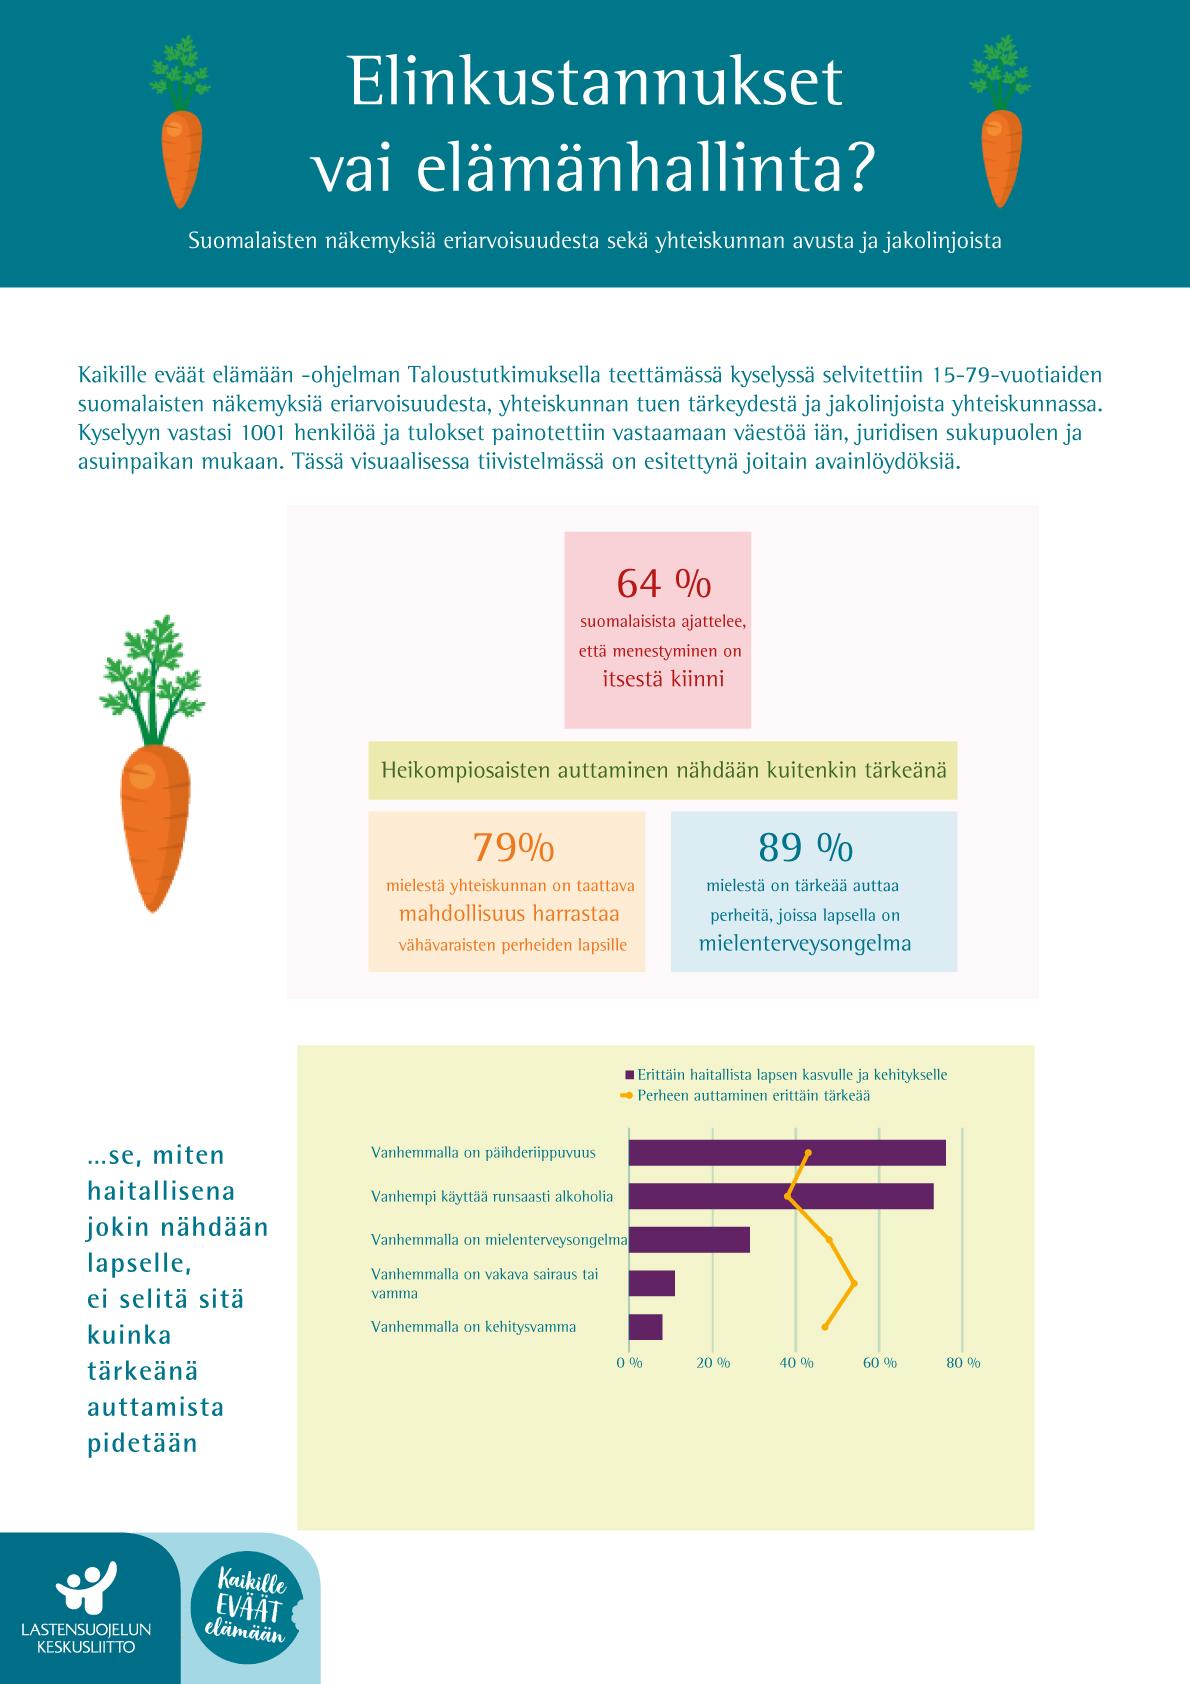 Elinkustannukset vai elämänhallinta? -raportin visuaalinen tiivistelmä